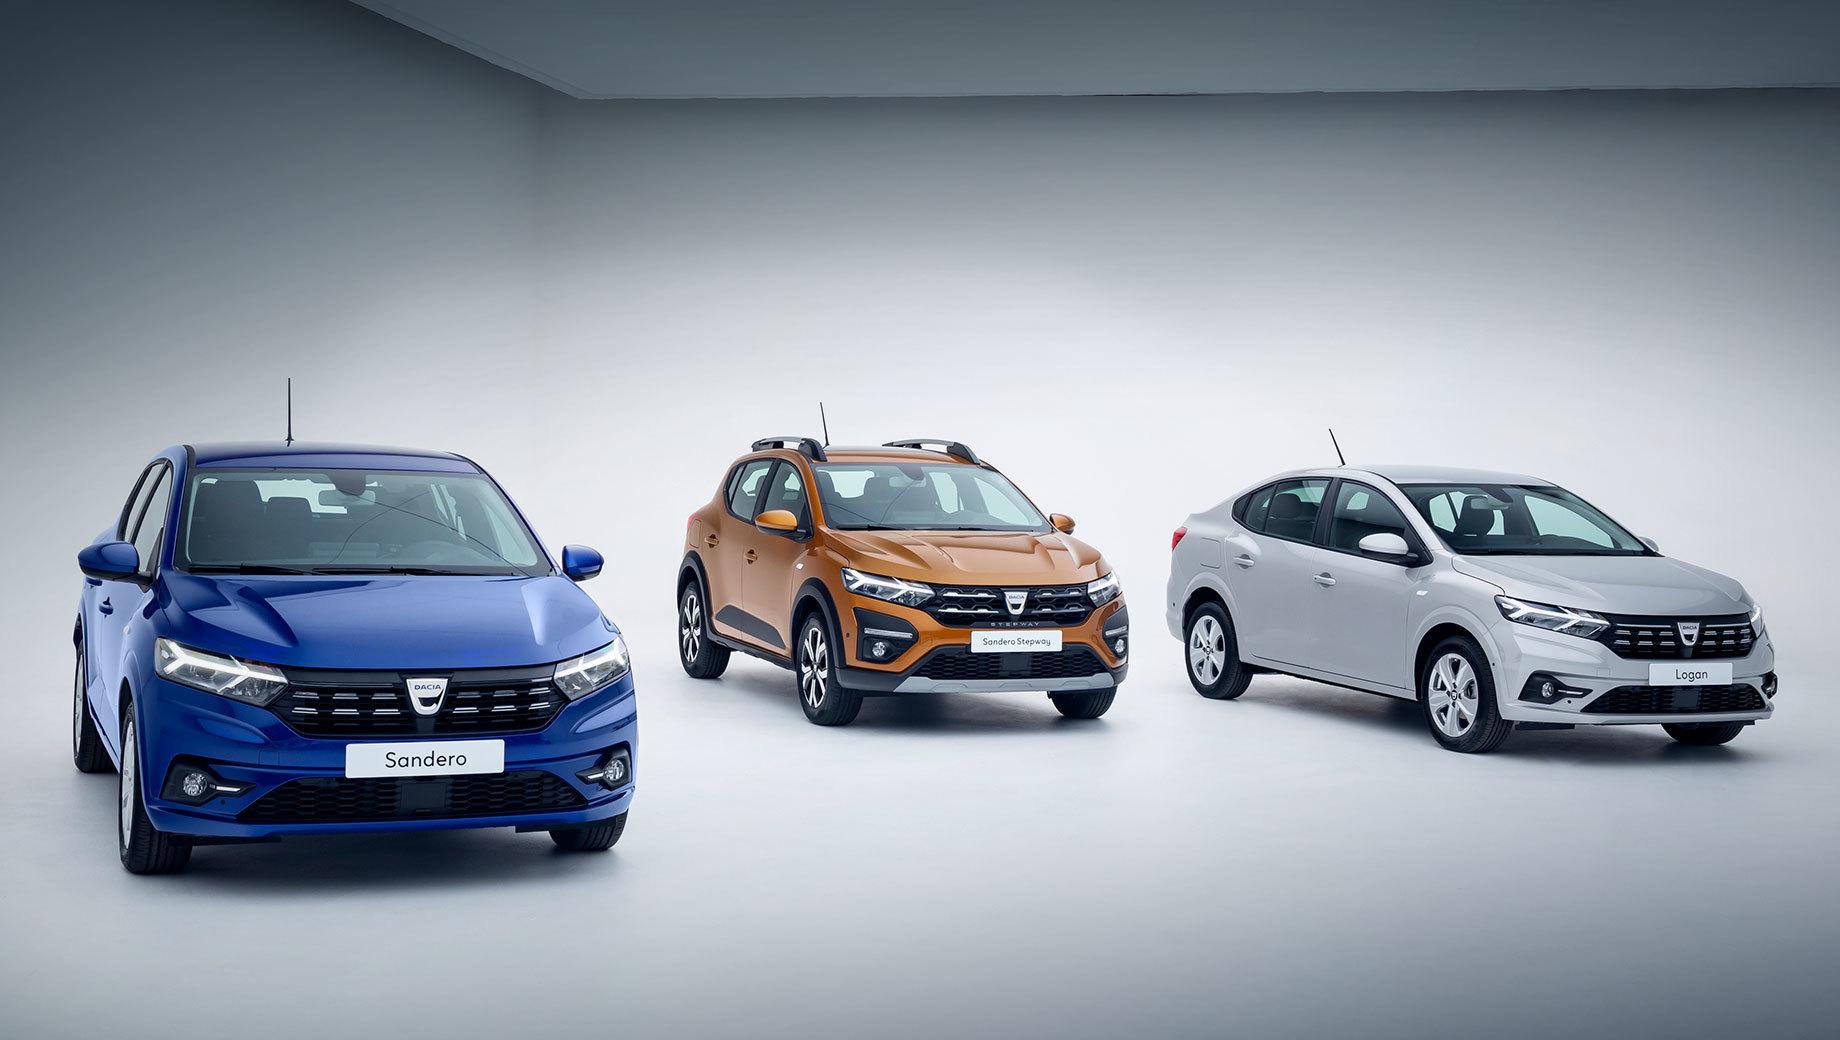 Dacia logan,Dacia sandero,Dacia sandero stepway,Renault logan,Renault sandero,Renault sandero stepway. За новый дизайн отвечает команда Жана-Филиппа Салара из центра RDCE в Бухаресте. Светодиодные фары и фонари с Y-образной графикой у всего трио будут идти «в базе». Фары бьют на 110 м с шириной луча в 24 м и автоматически переключаются с дальнего на ближний.